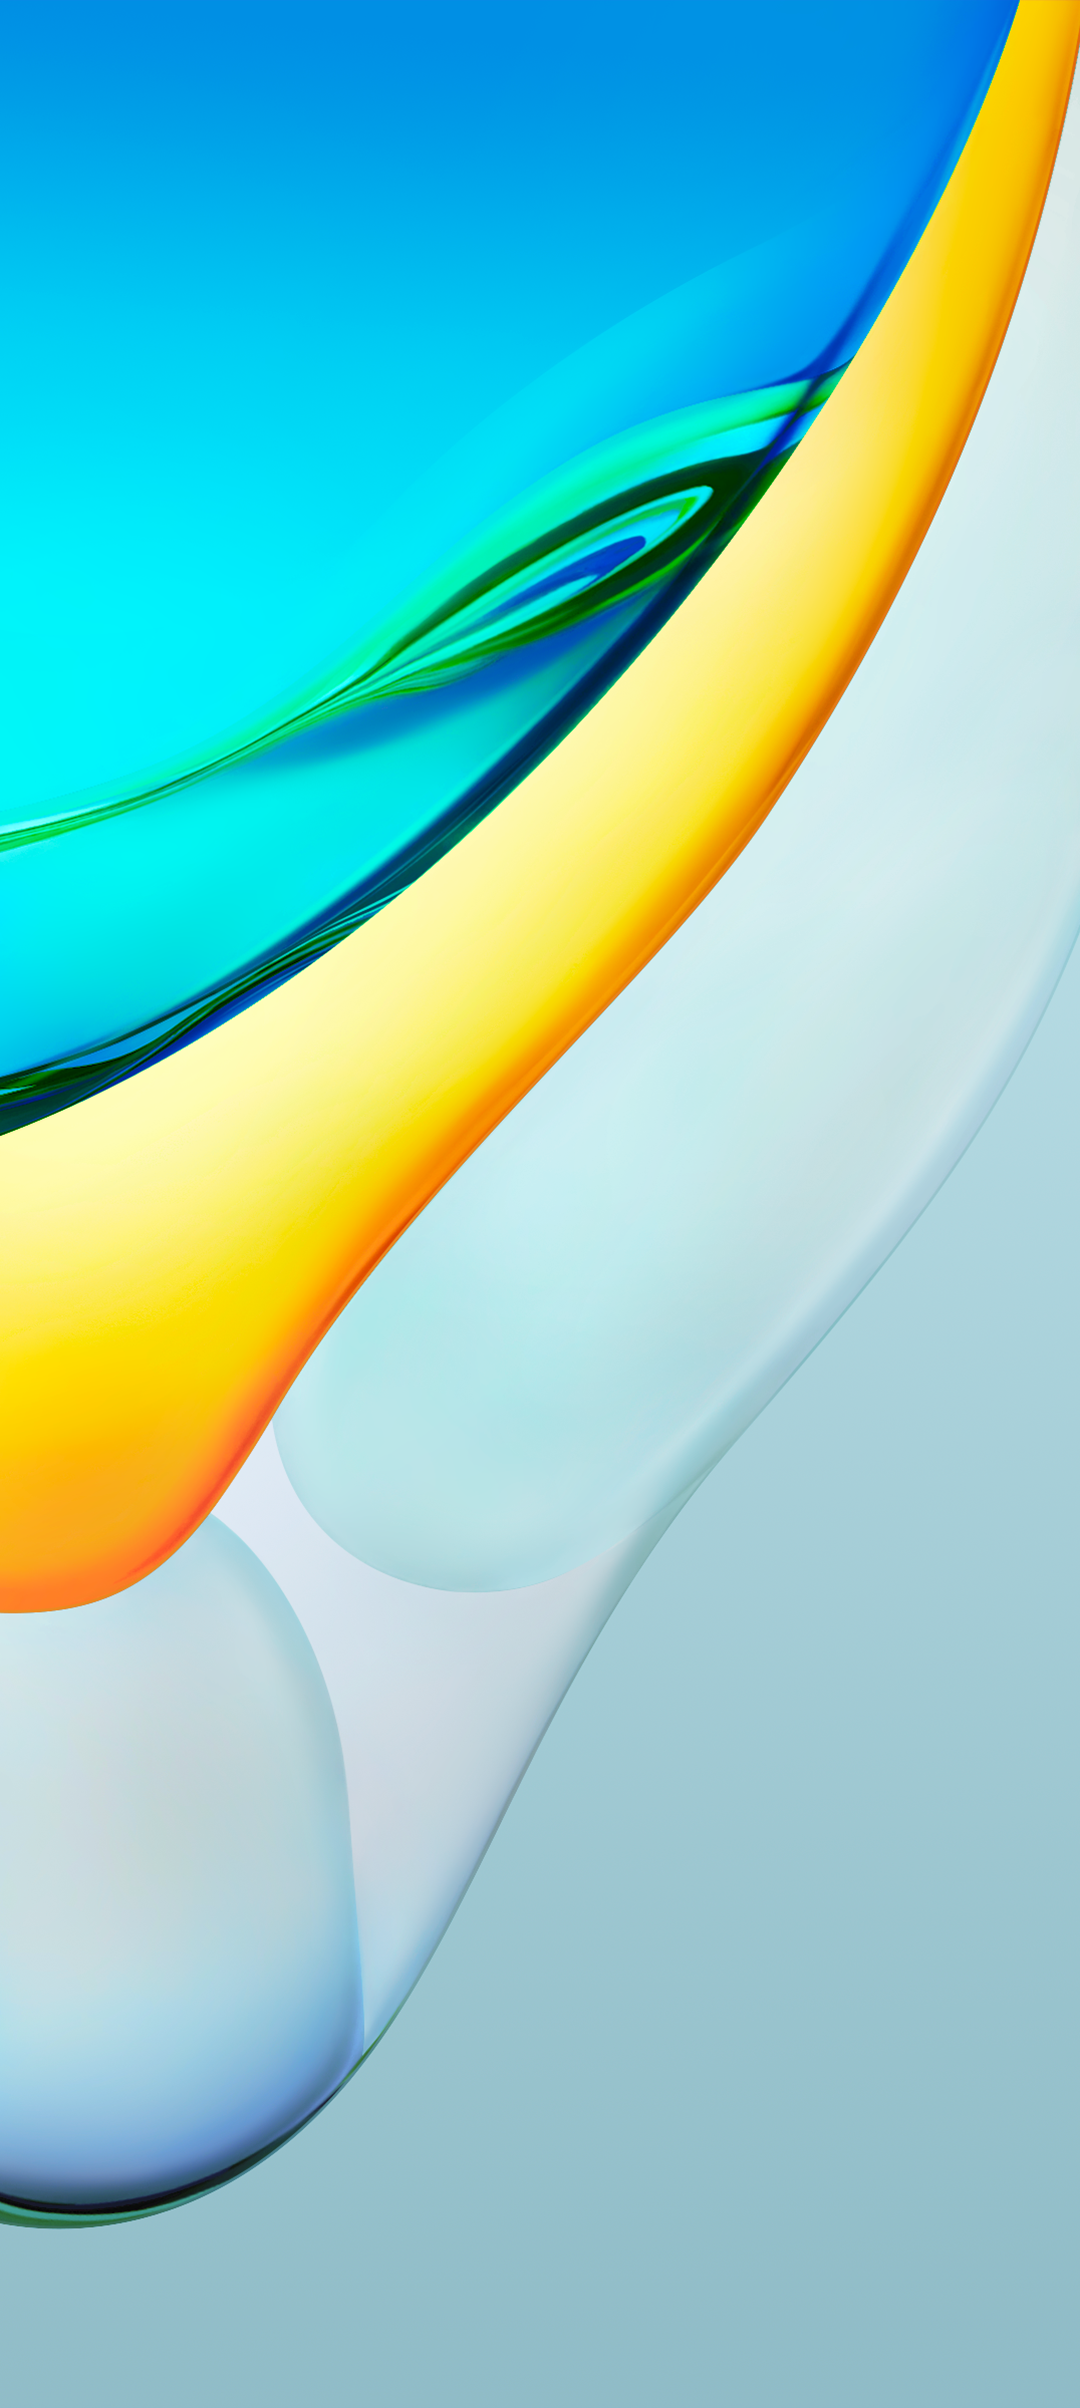 خلفيات فيفو Vivo Y52s الاصلية خلفيات جوال روعة In 2021 Abstract Artwork Artwork Wallpaper